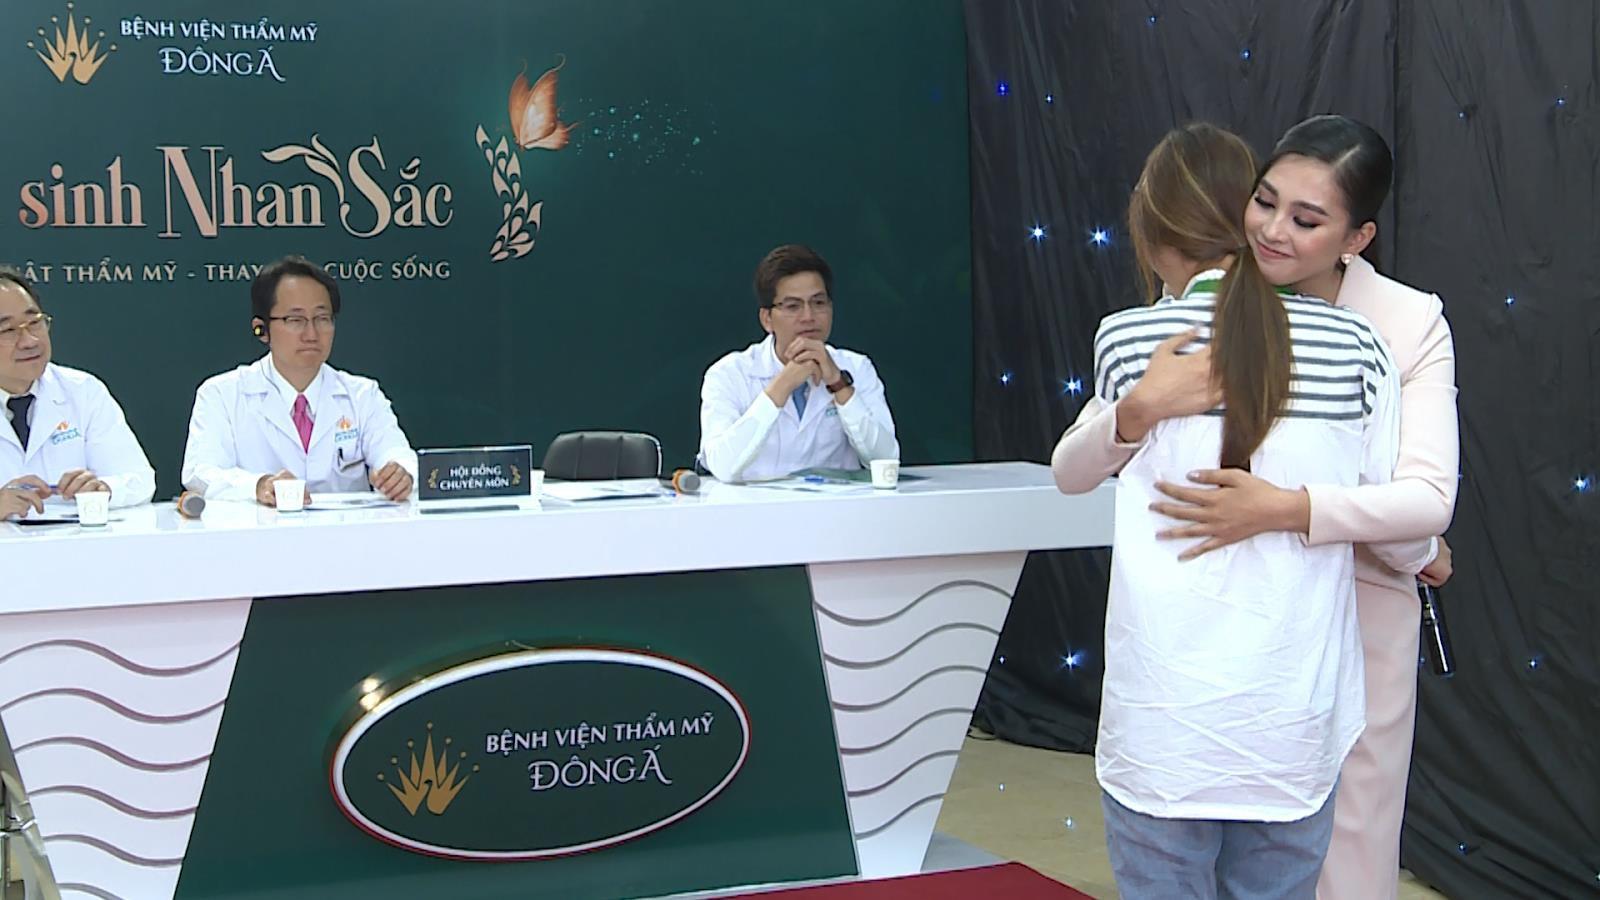 Hoa hậu Trần Tiểu Vy - Nàng hậu hết lòng vì những số phận khiếm khuyết ngoại hình - Ảnh 3.